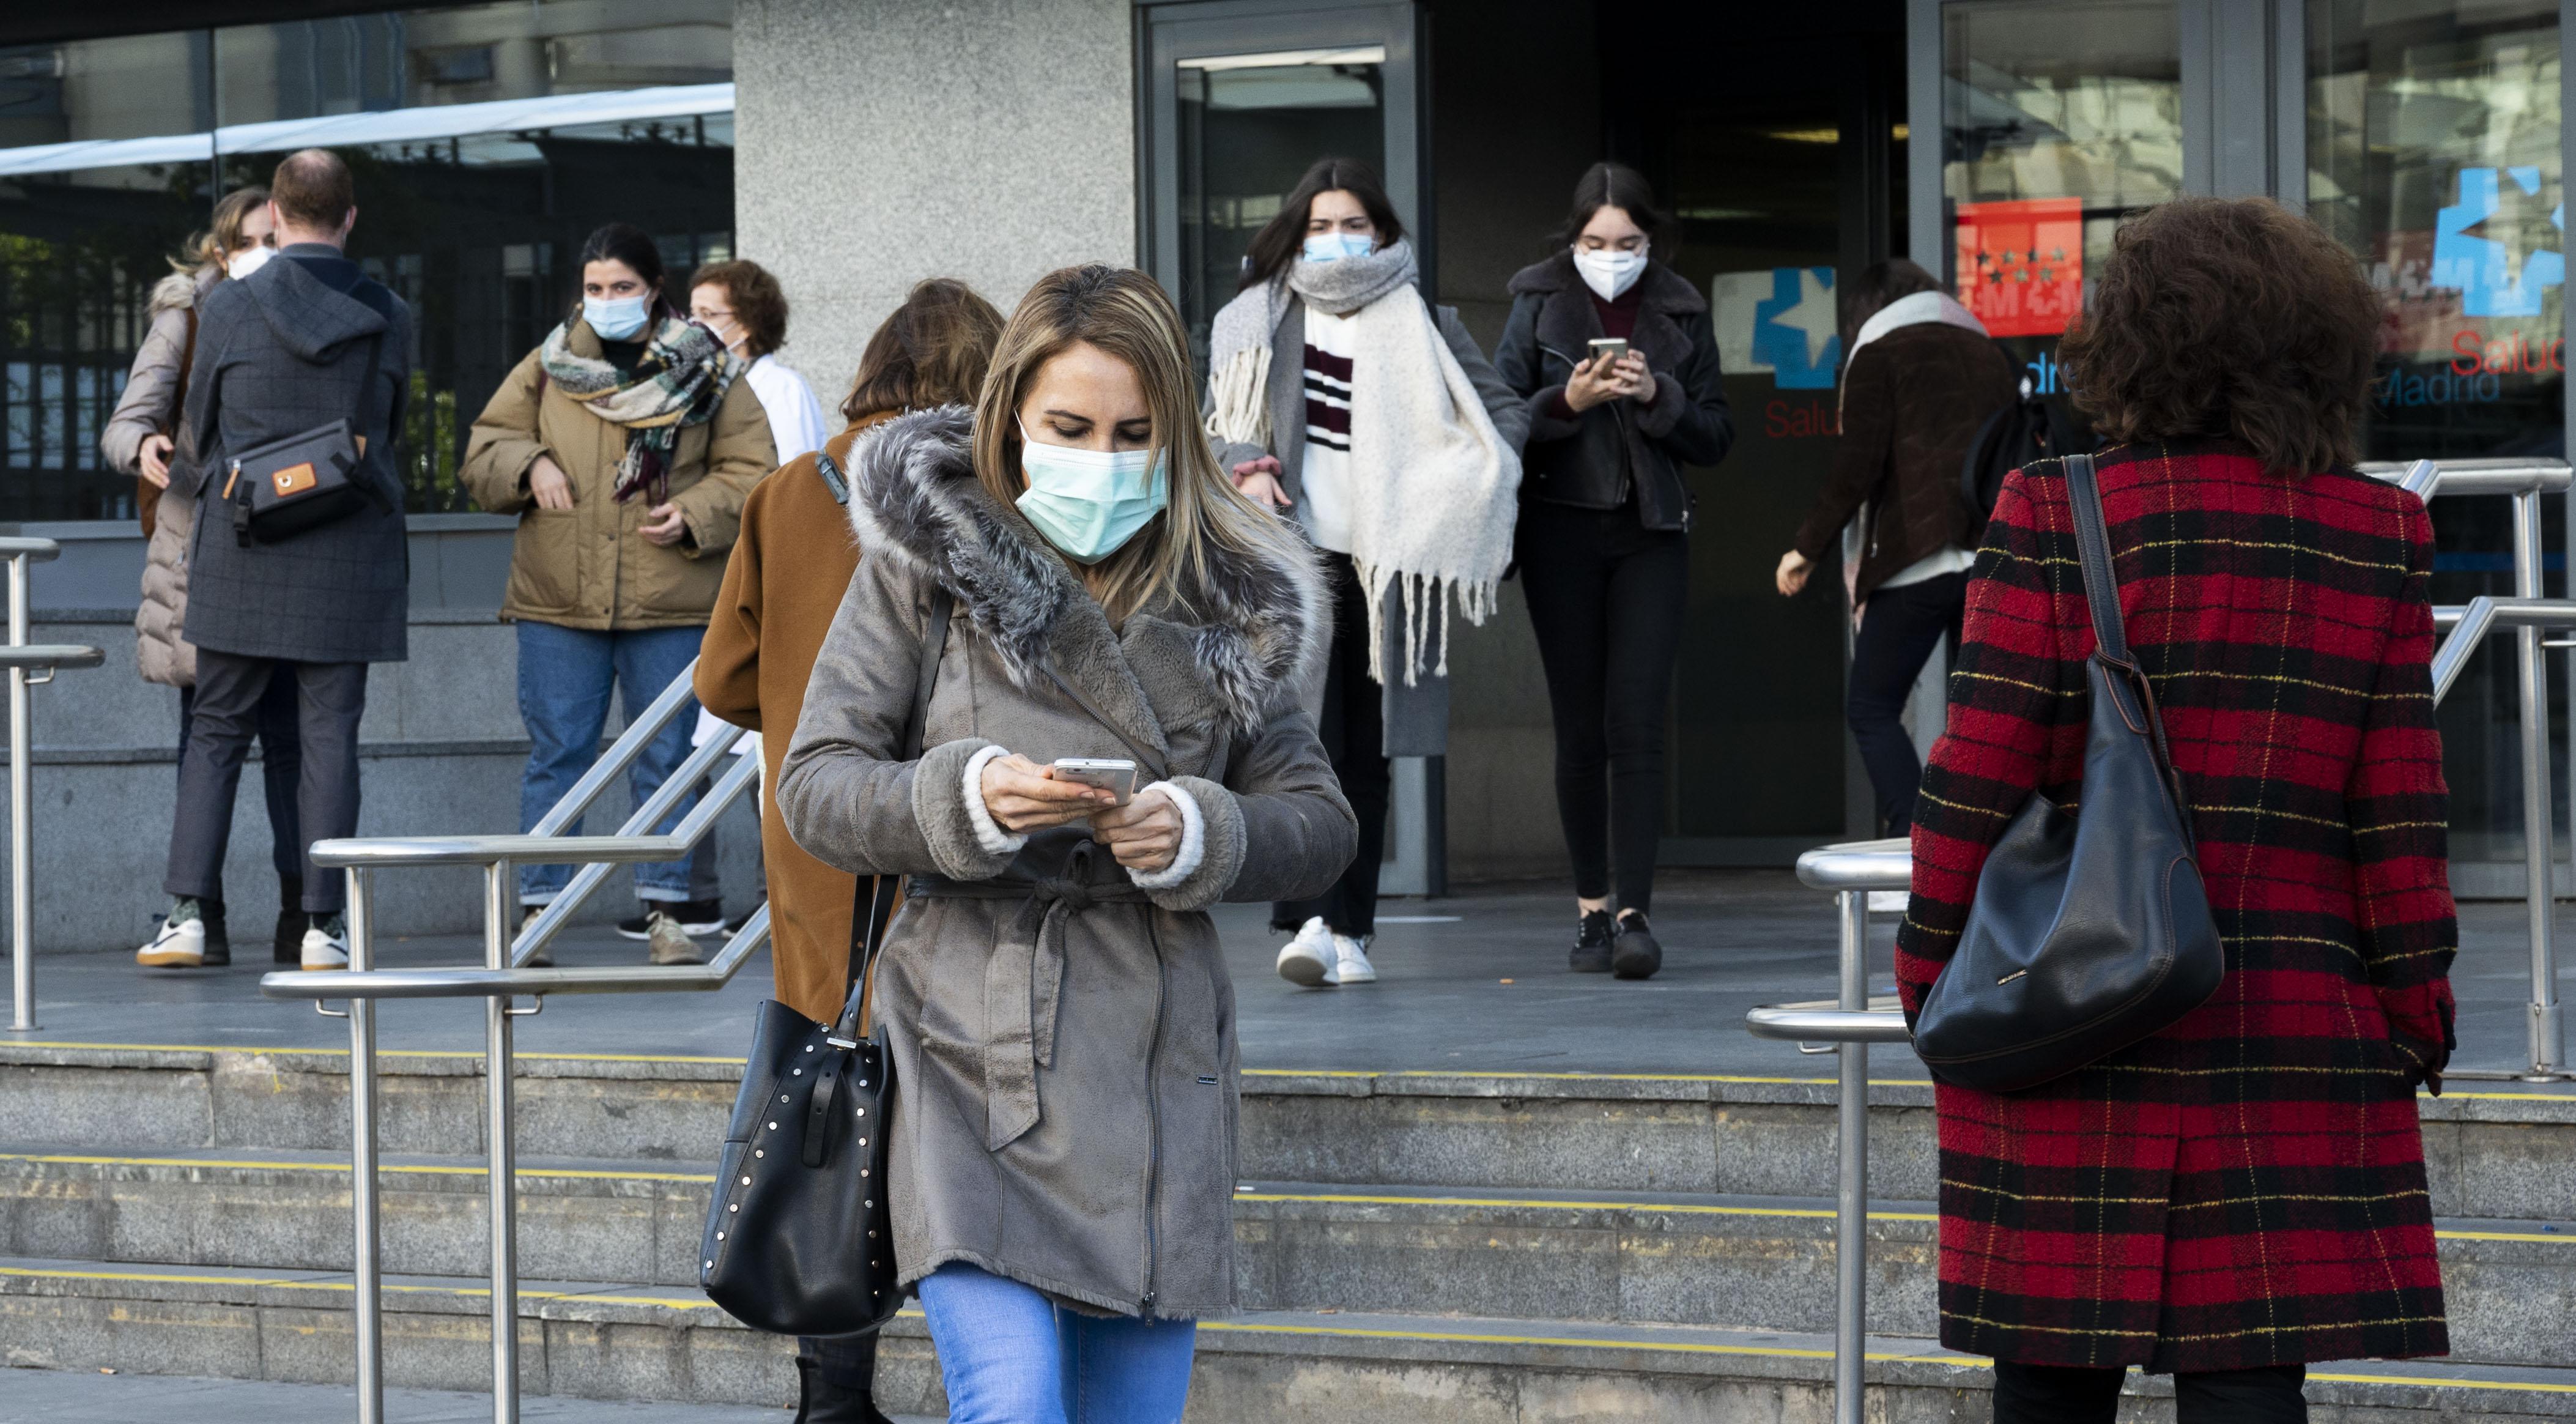 imagen de La fatiga pandémica ha hecho mella en los jóvenes, según una encuesta. / César Hernández-CSIC